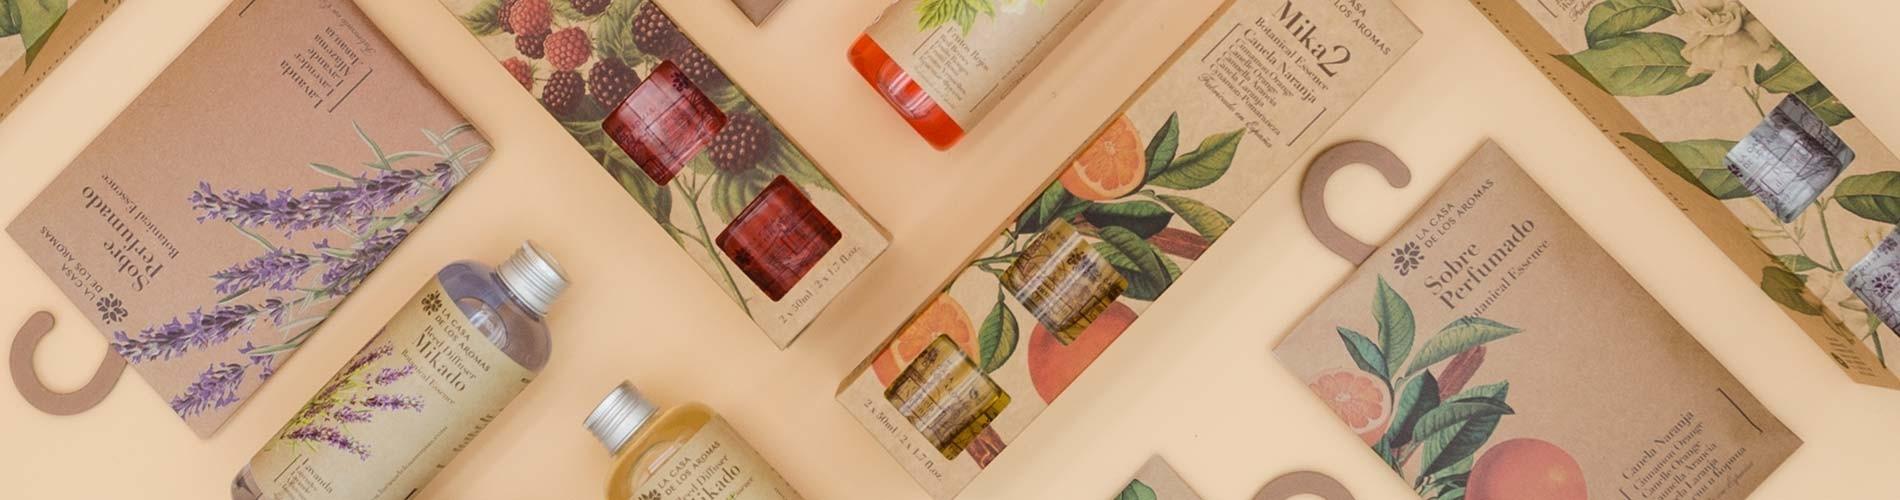 Serie Botanical: Nuestra línea de productos más sostenible